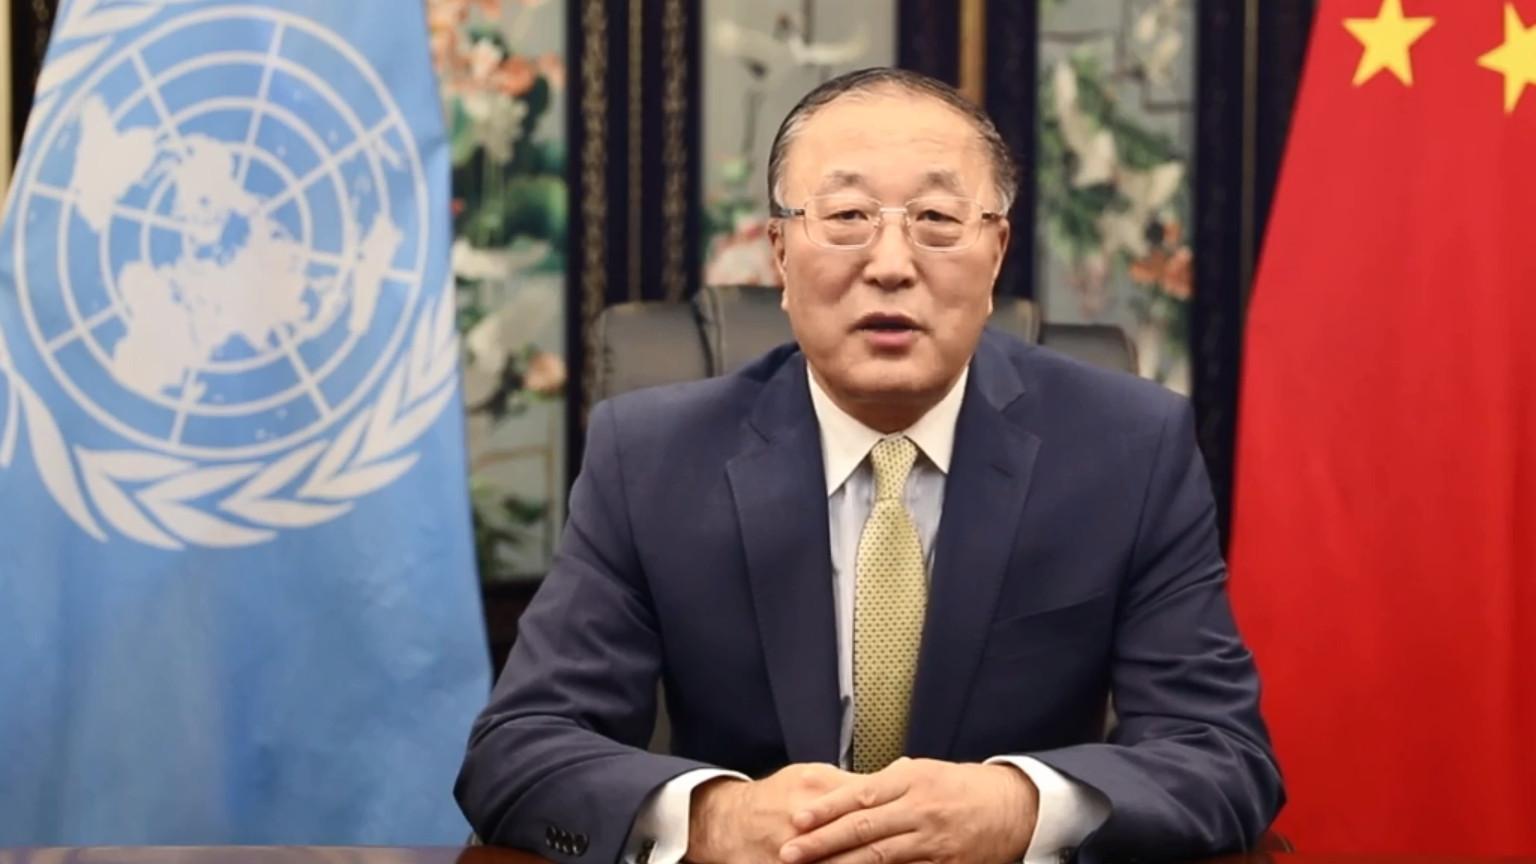 Le Représentant permanent de la Chine auprès des Nations Unies Zhang Jun,